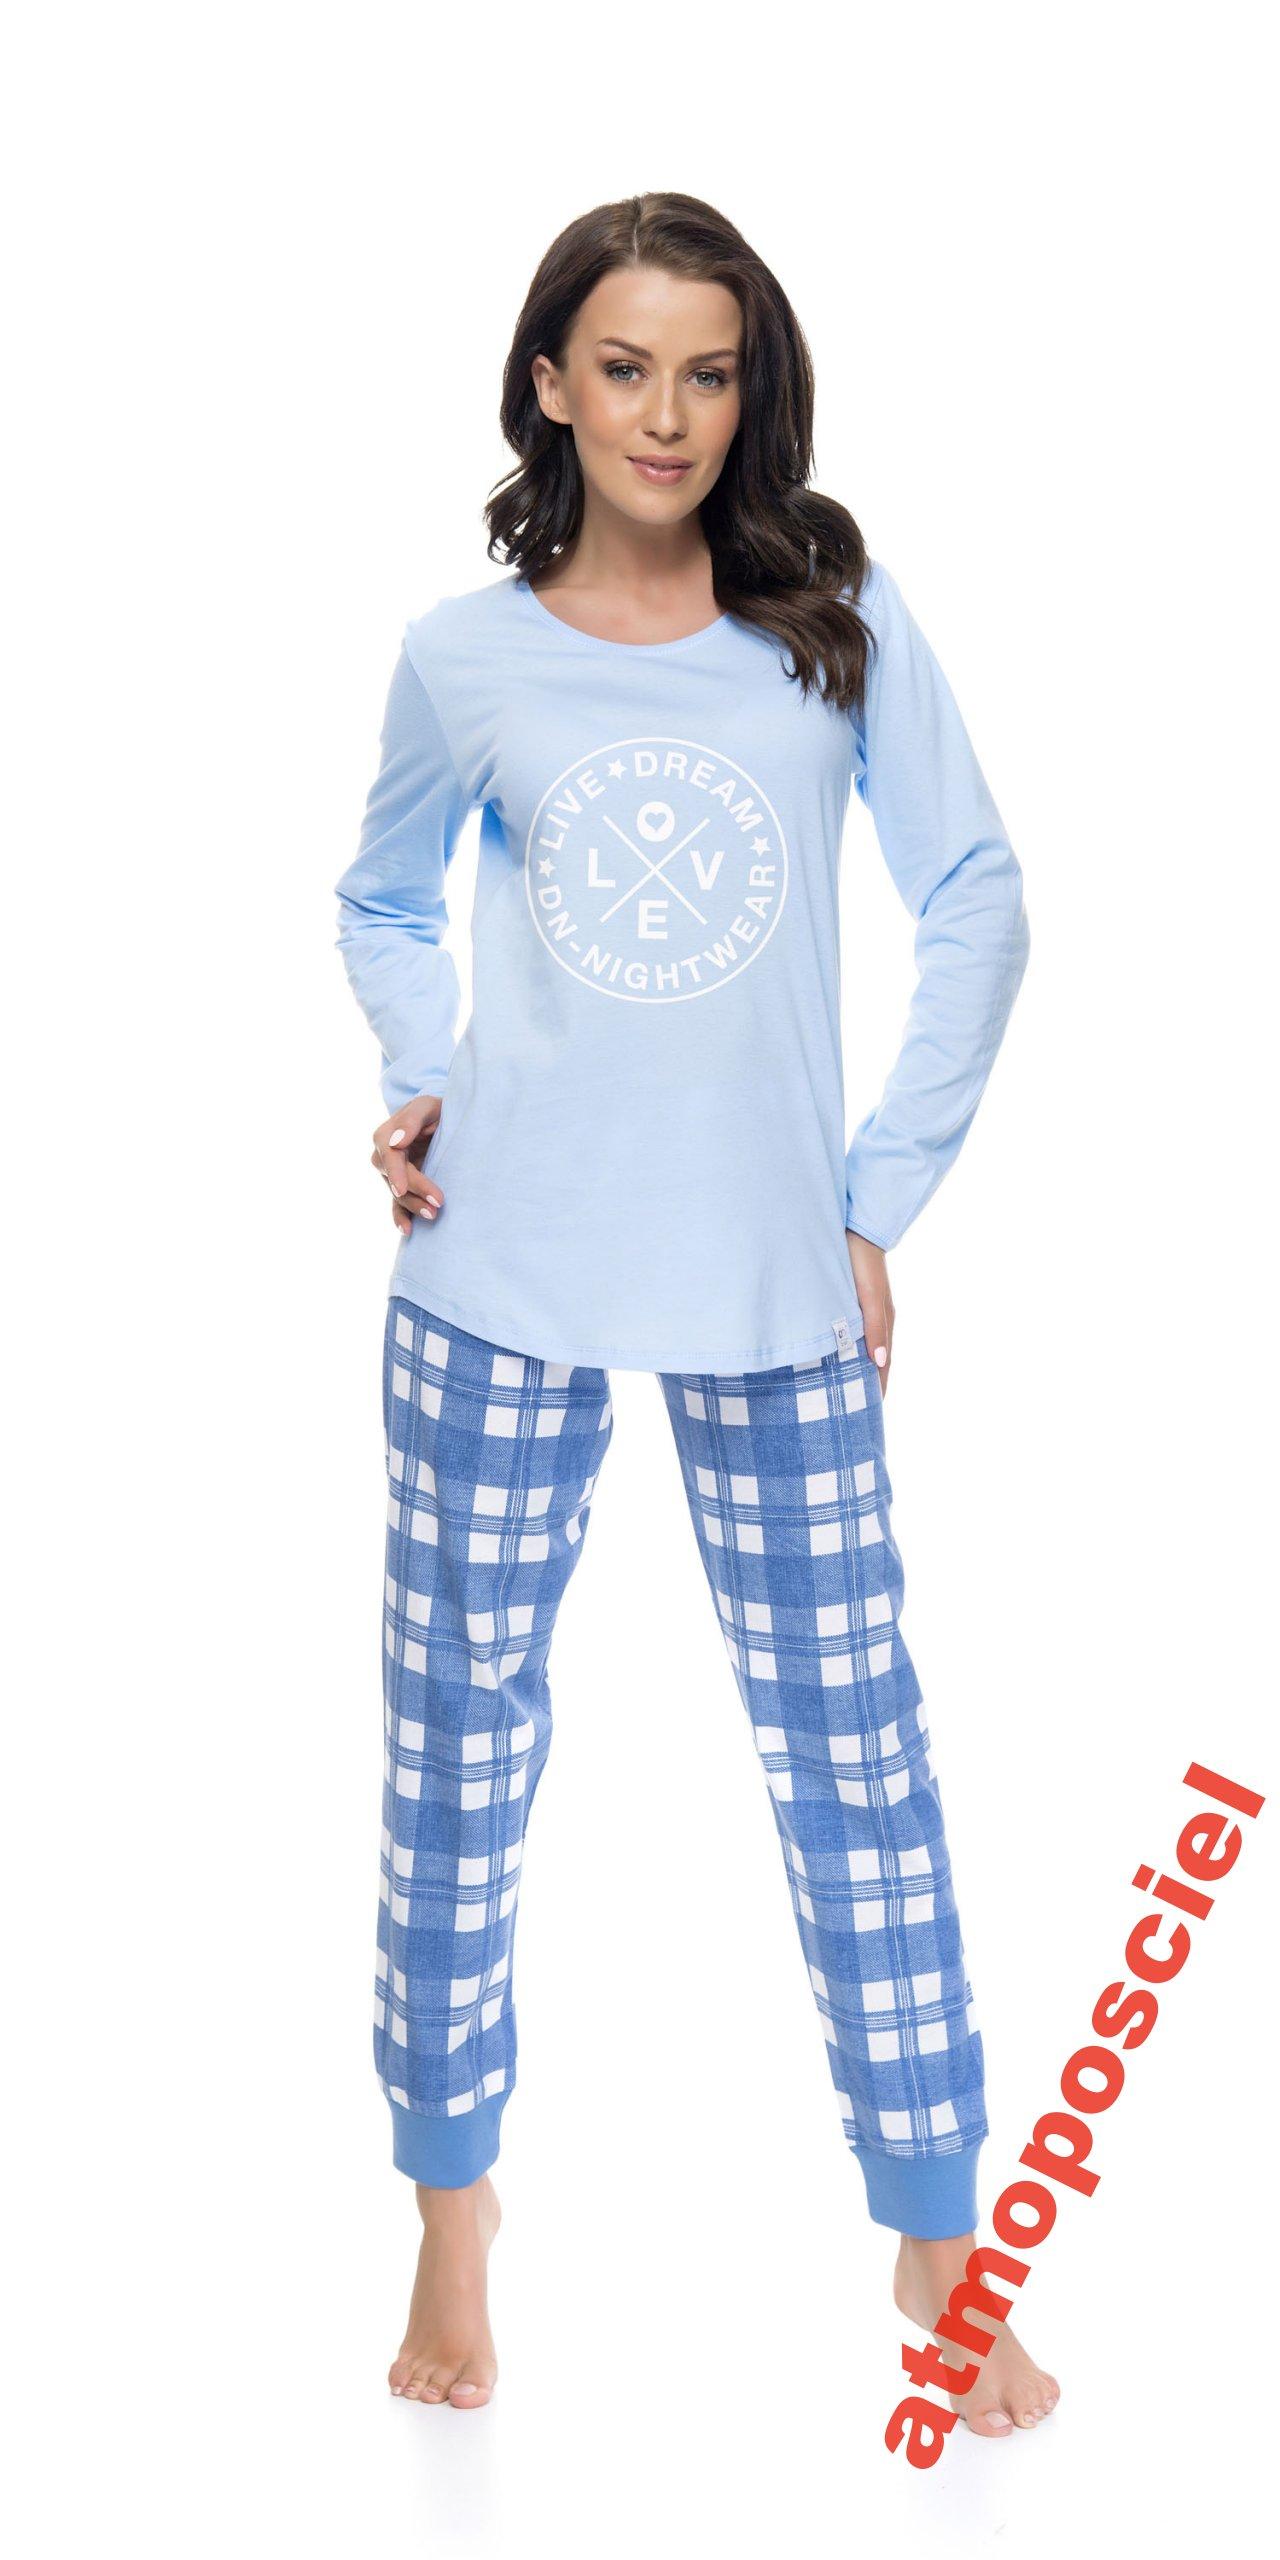 c487d1535bb081 piżama damska Grudziądz w Oficjalnym Archiwum Allegro - archiwum ofert